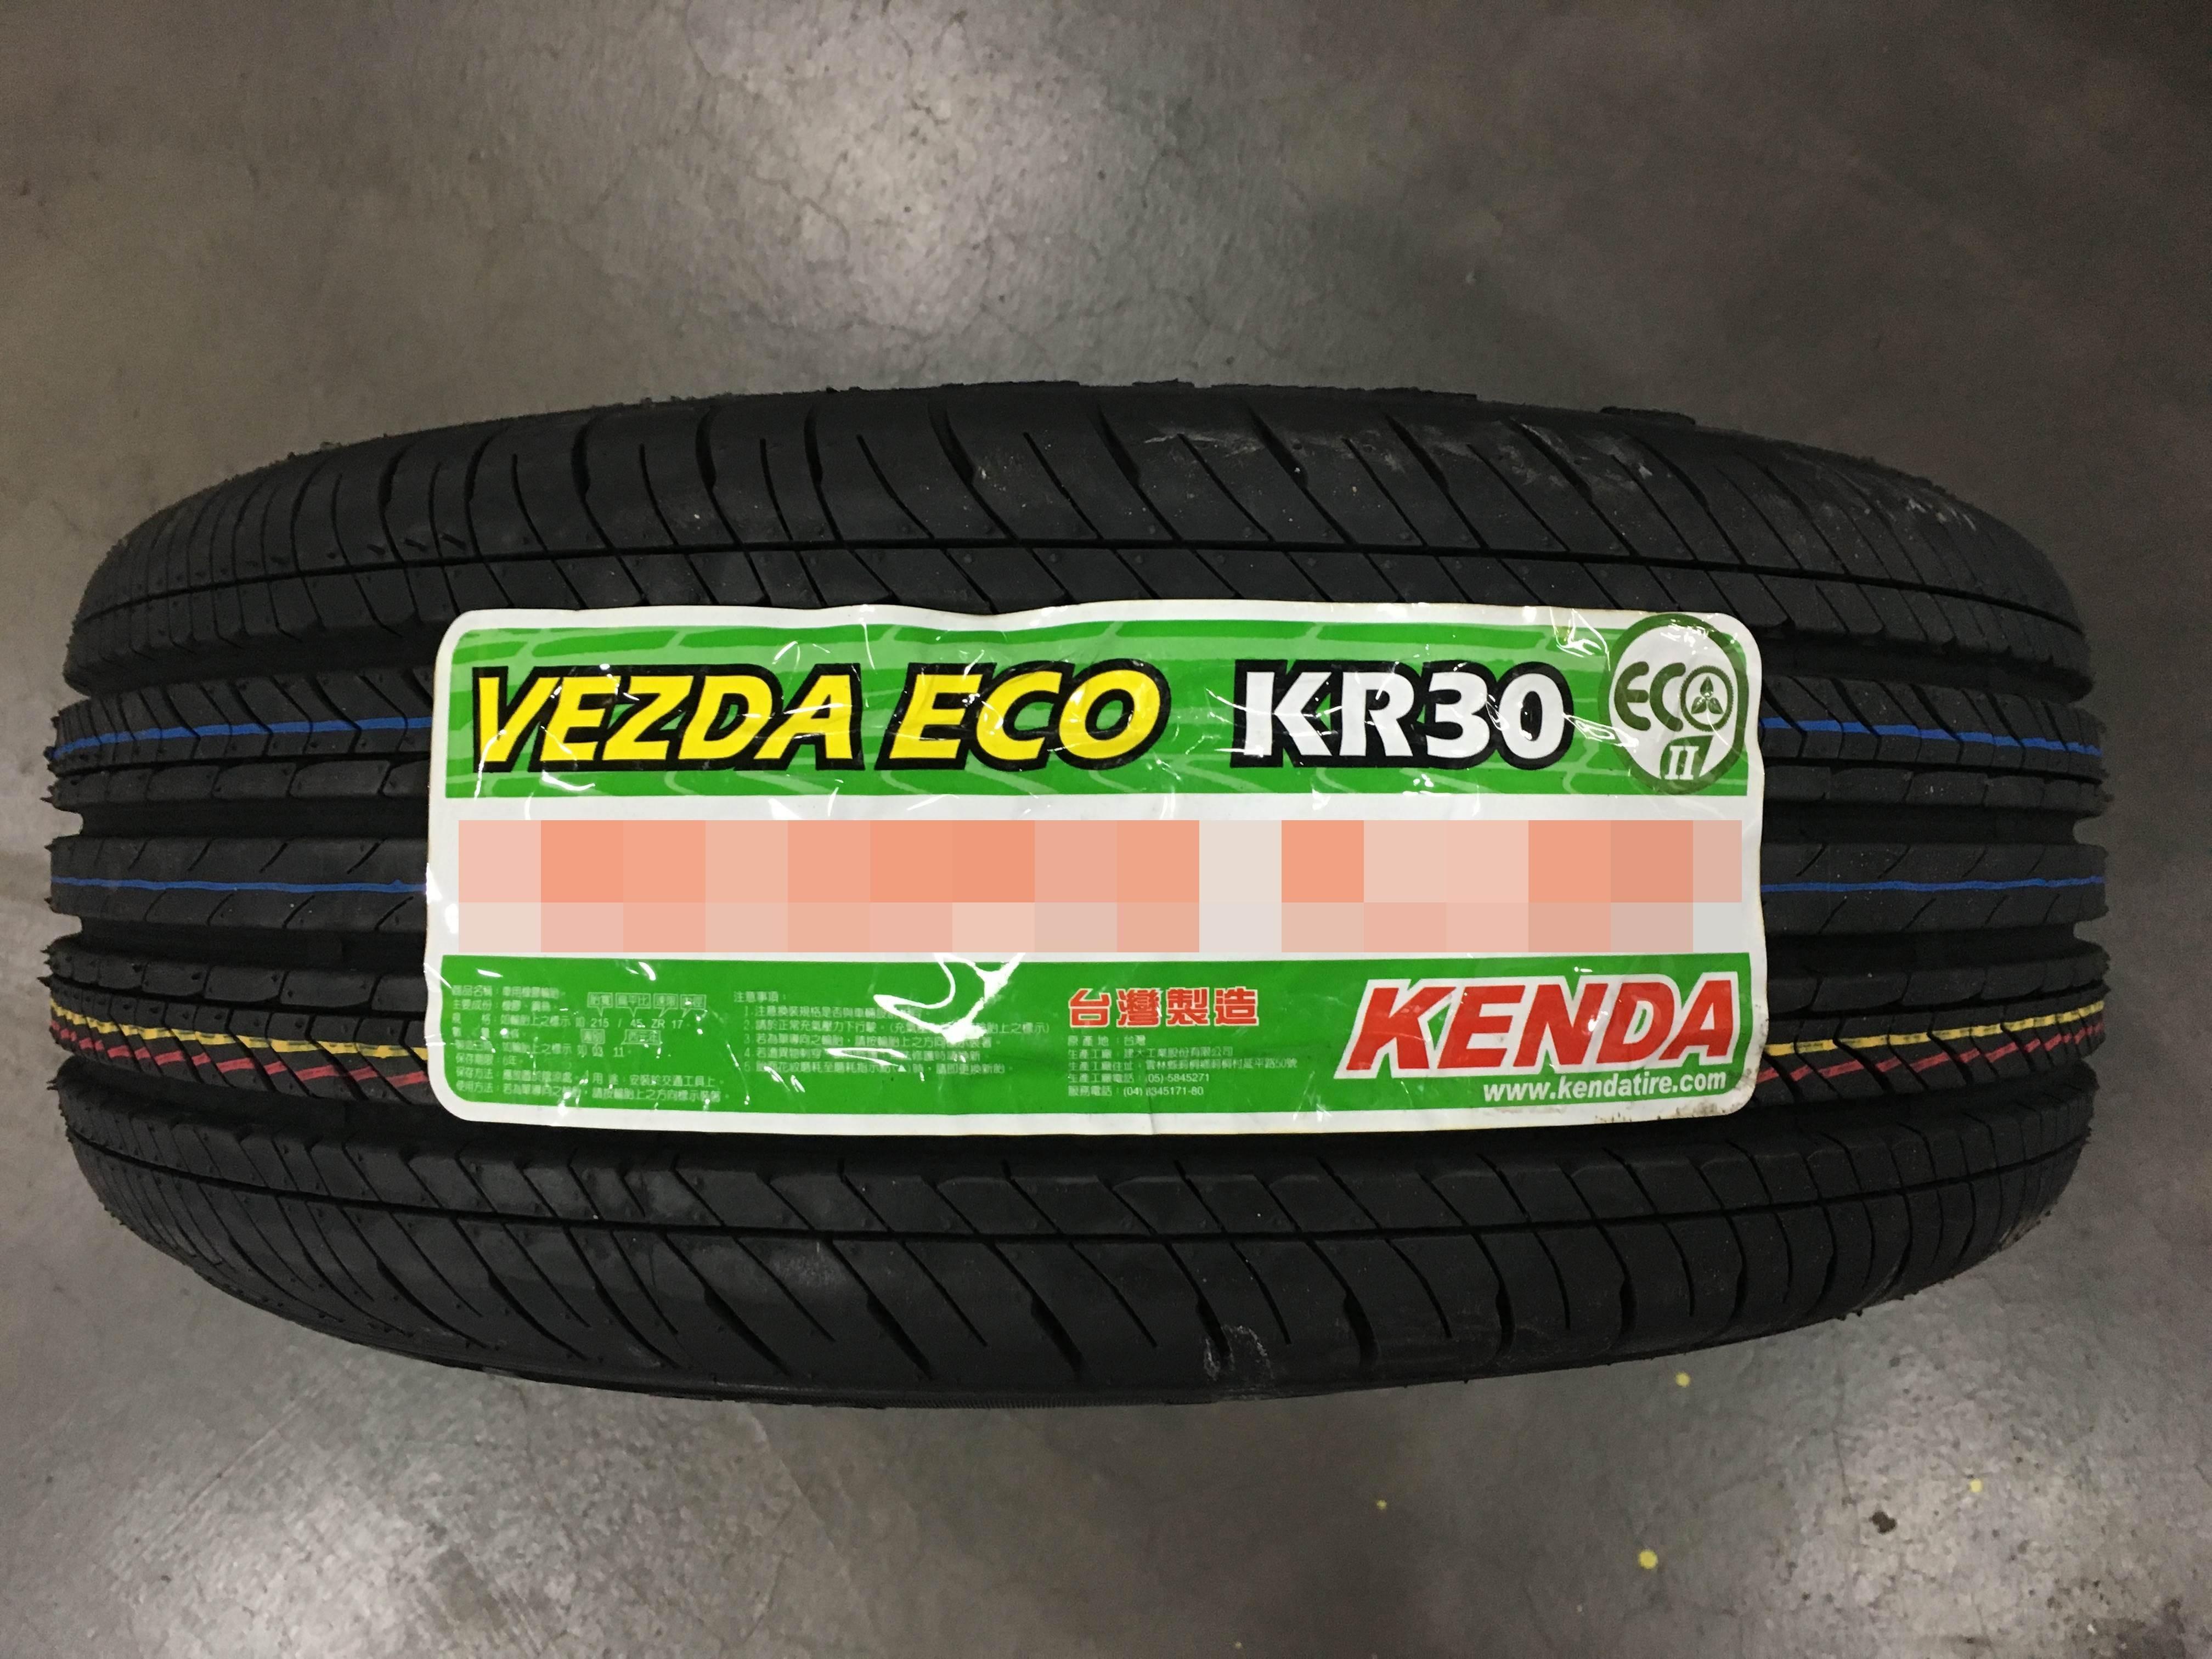 【宏程輪胎】KENAD 建大輪胎 KR30 205/55-16 91V 台灣製